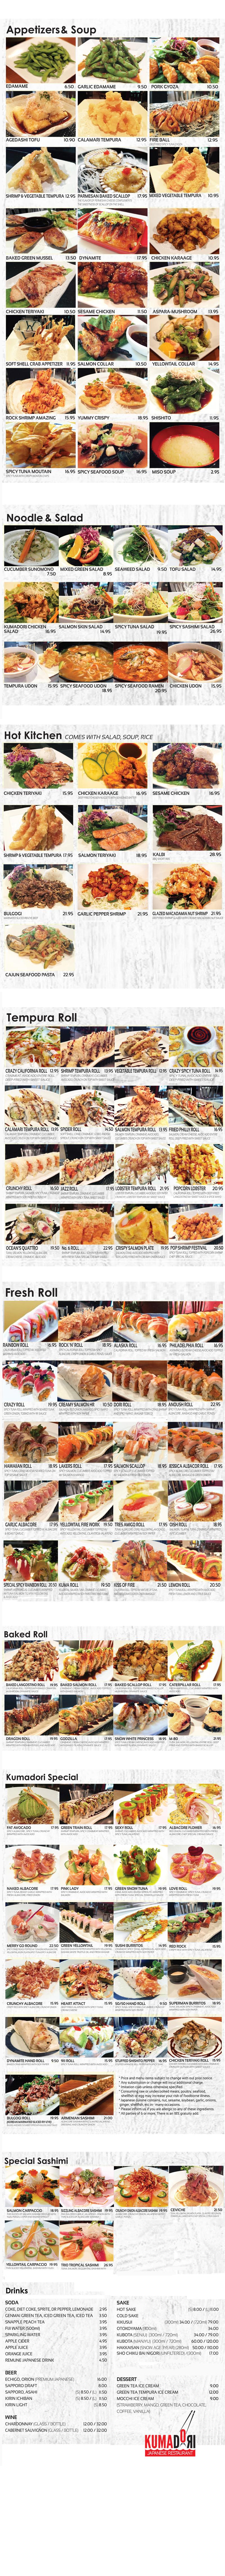 menu_white_updated.jpg